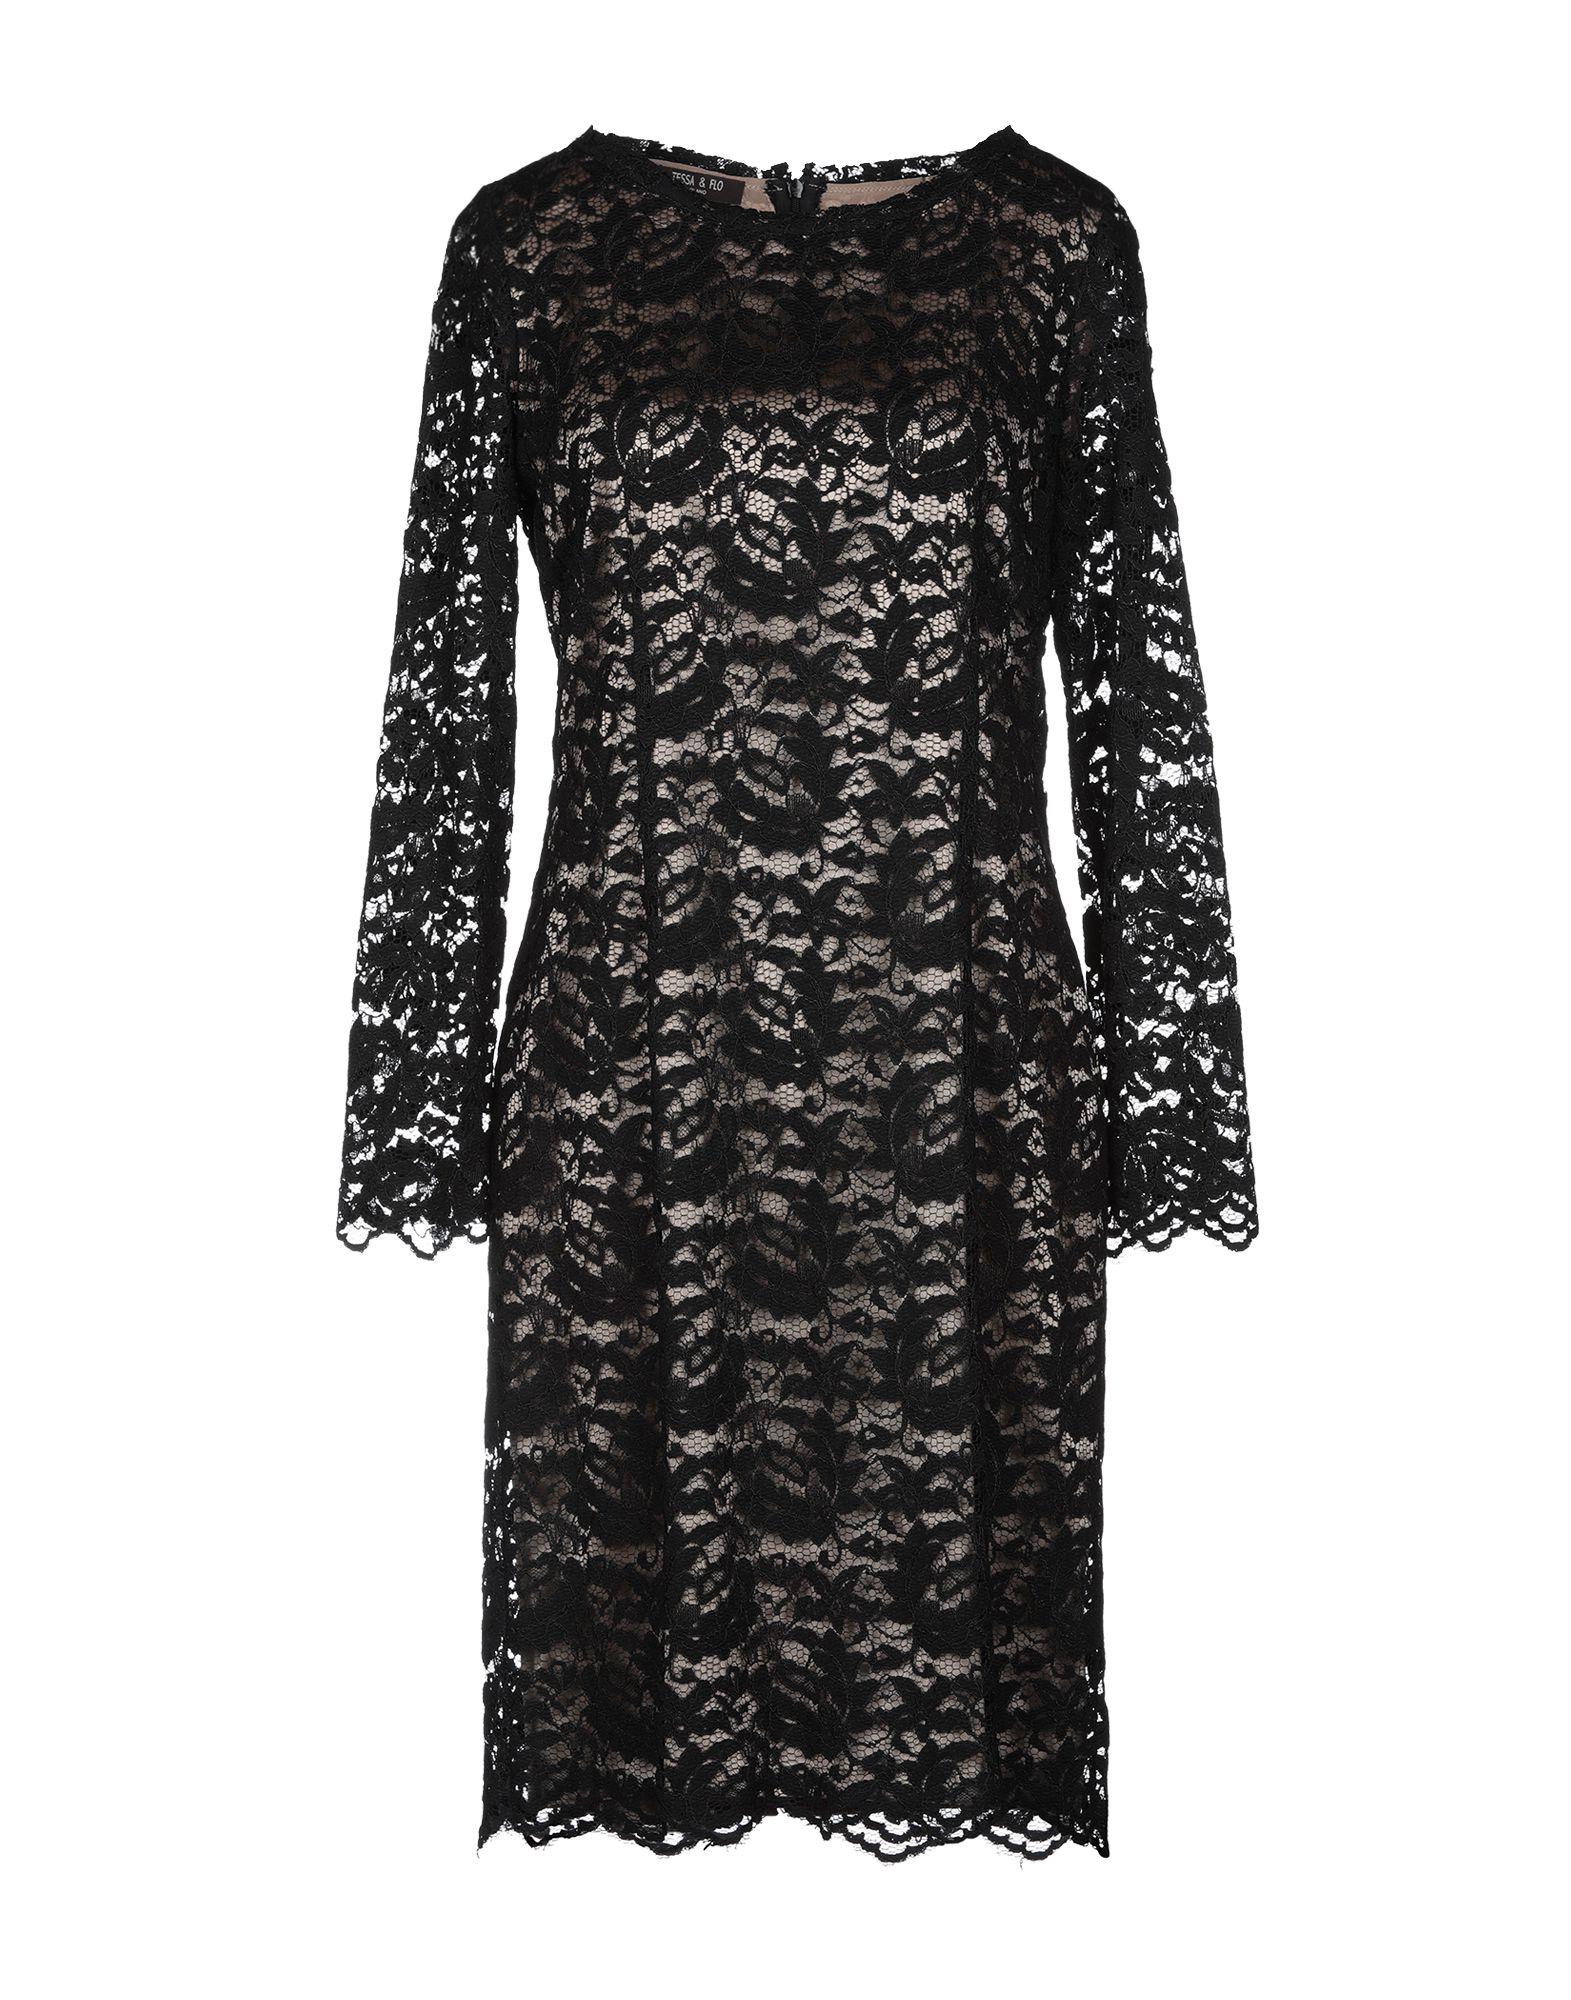 《期間限定セール中》TESSA & FLO レディース ミニワンピース&ドレス ブラック 42 シルク 94% / ポリウレタン 6%